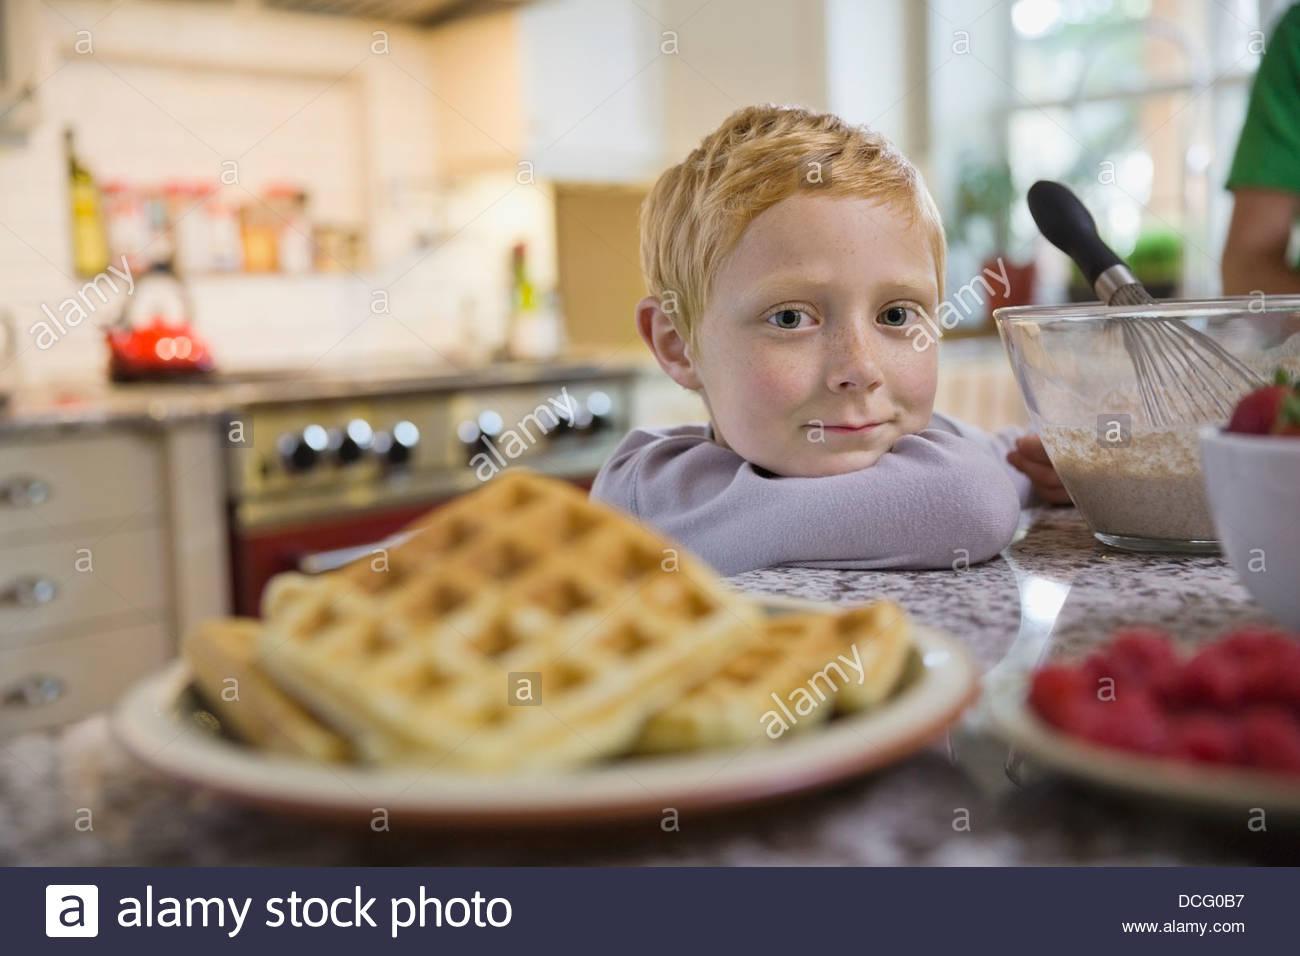 Porträt eines kleinen Jungen mit Frühstück Stockbild